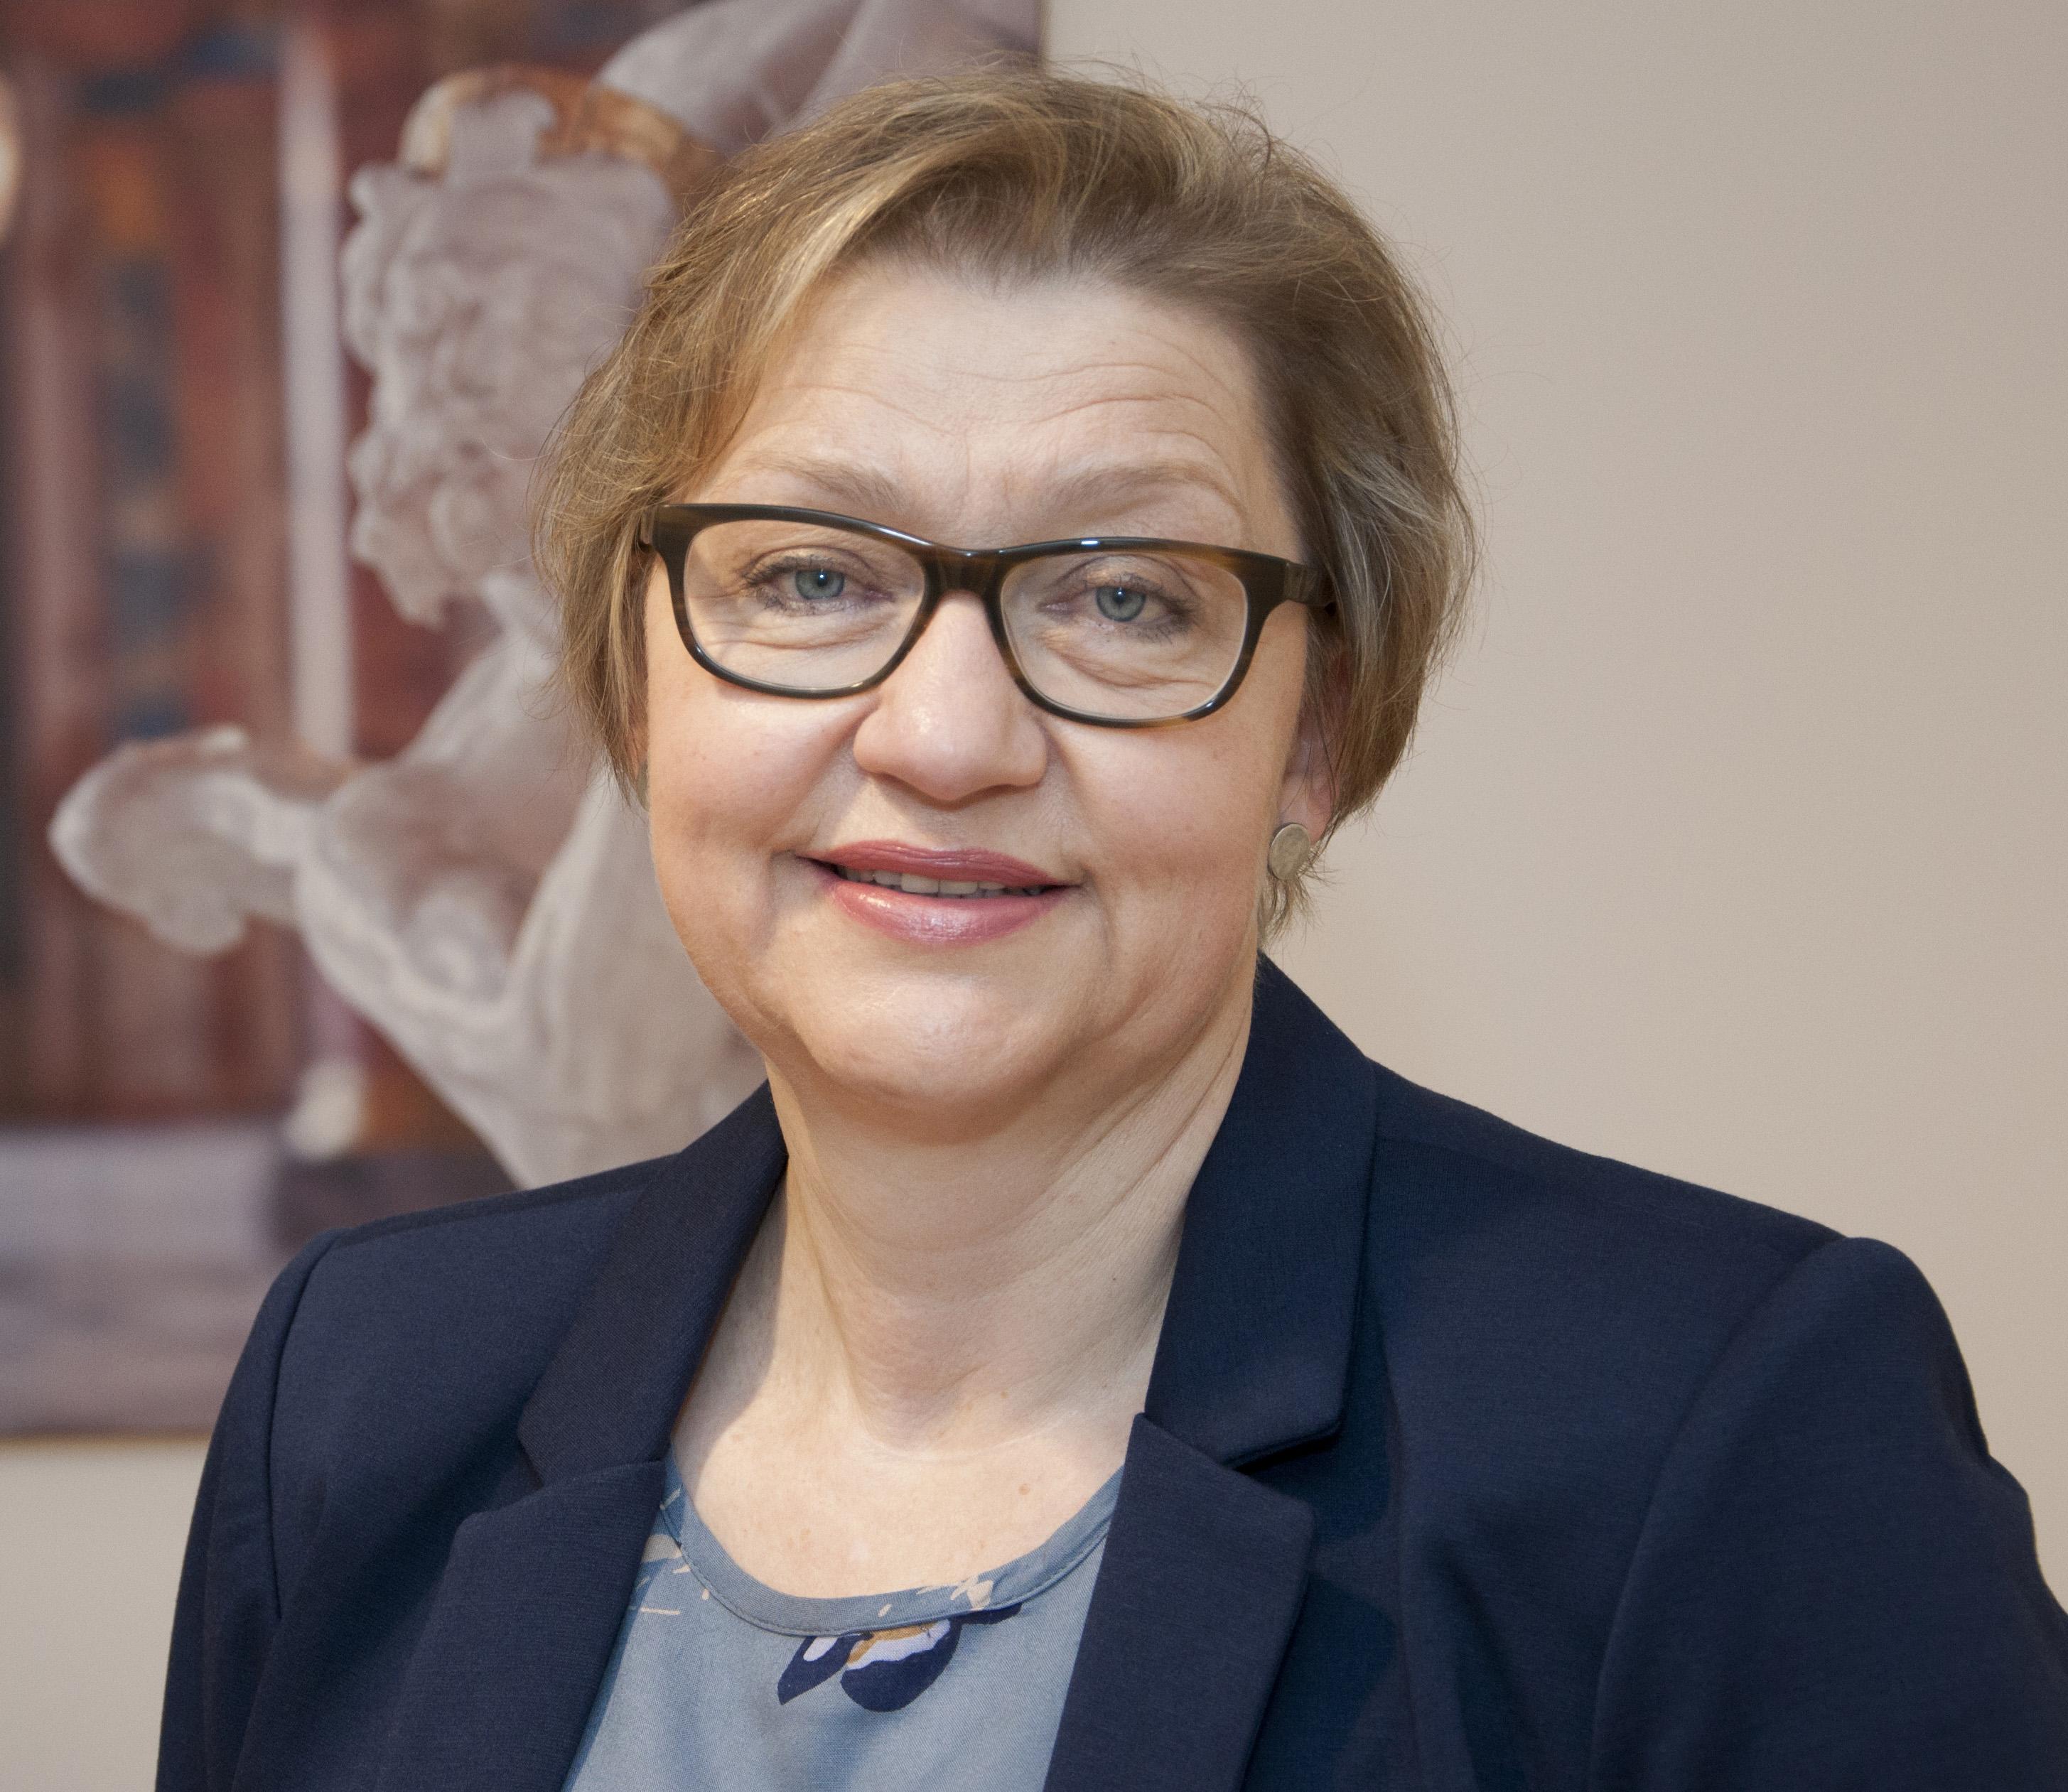 Seniorenzentrum Wiblingen, Präsenzkräfteleitung, Gabriele Menz-Duchon